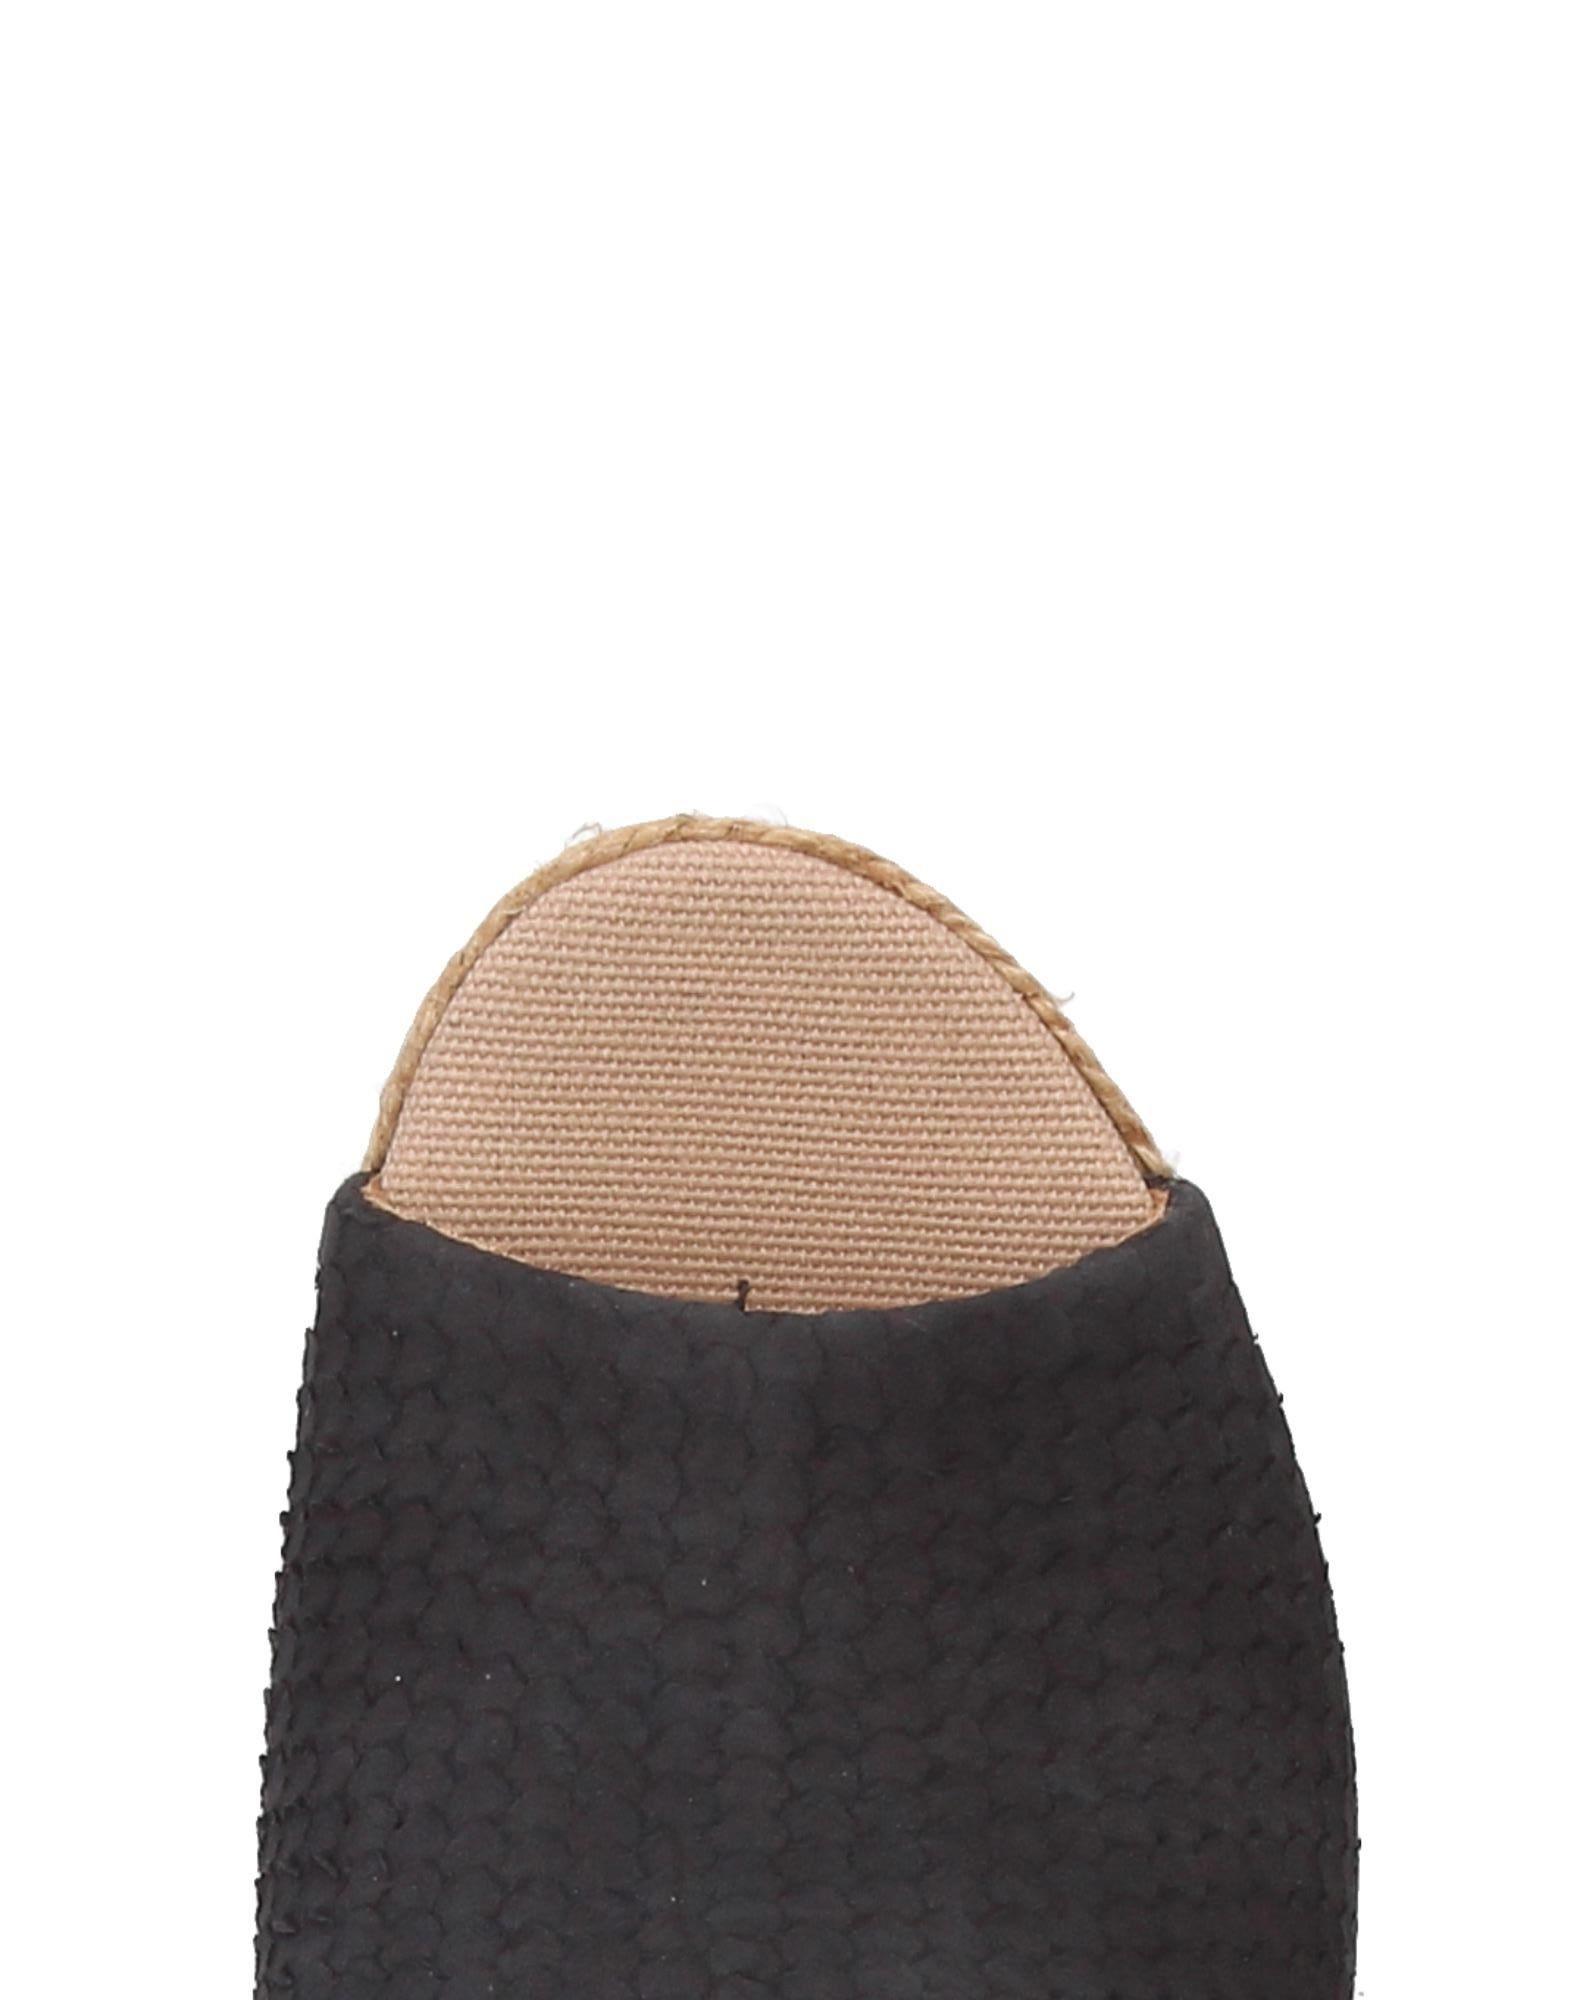 Kanna Sandalen Damen    11405707VH Gute Qualität beliebte Schuhe a74160